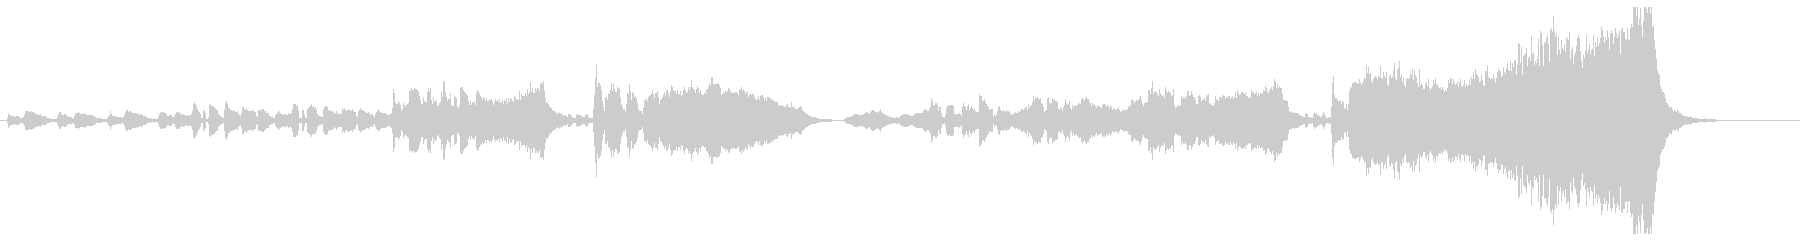 オーケストラのハッピーバースデー 2番の未再生の波形